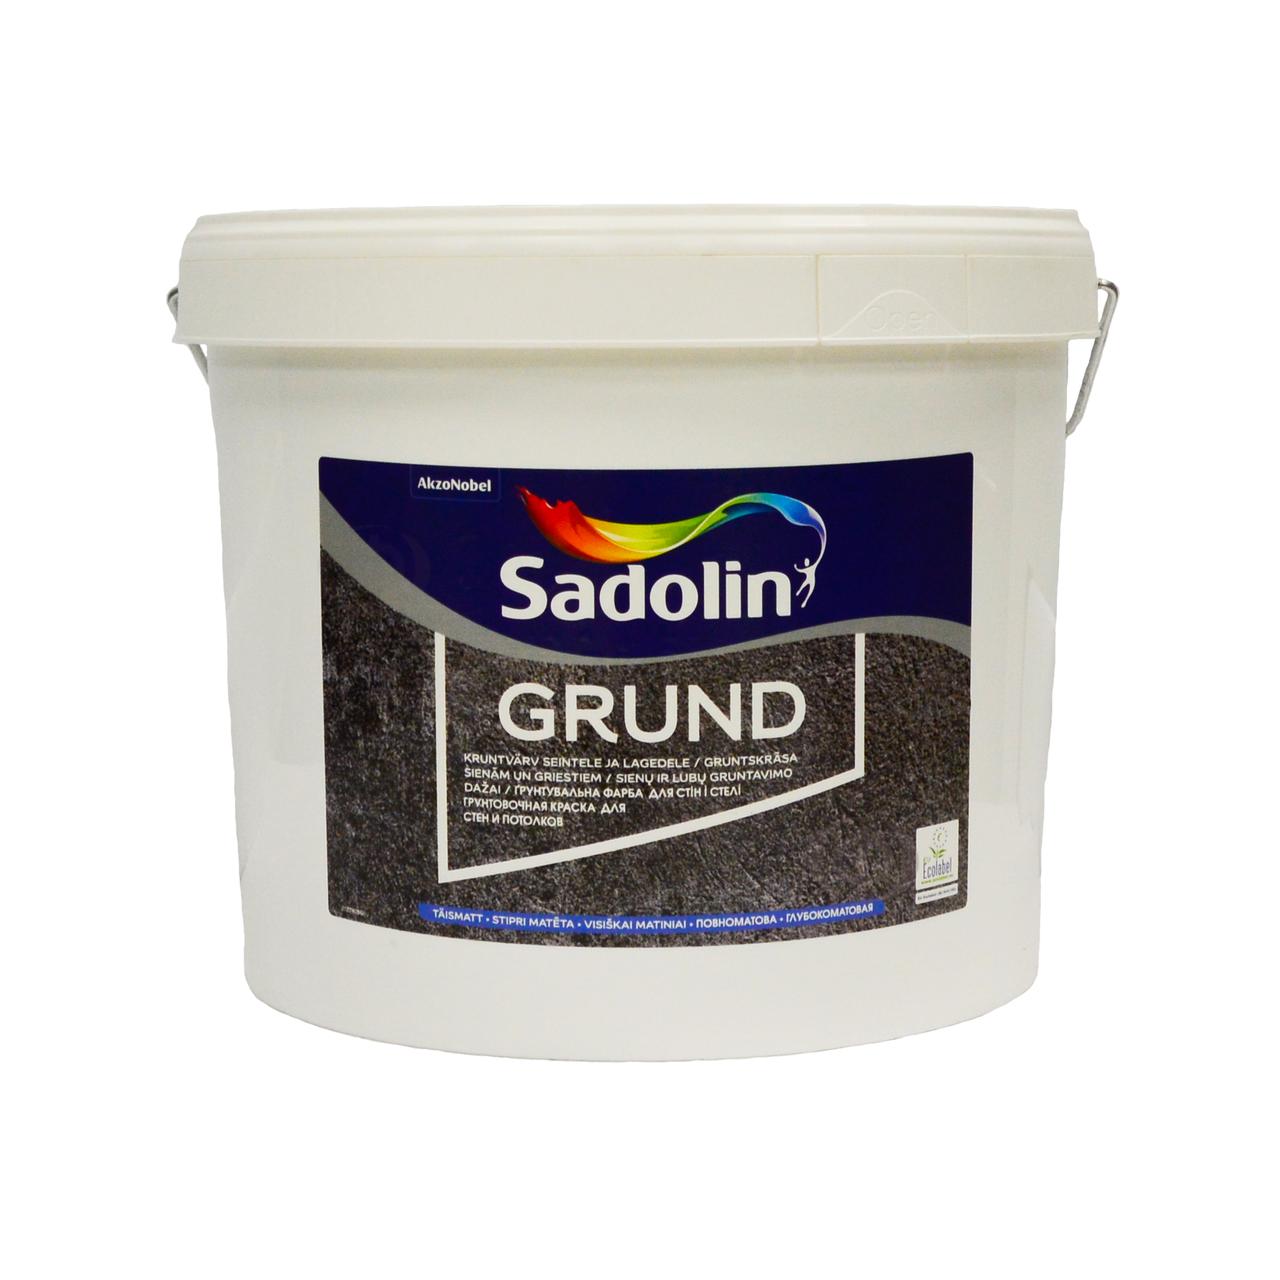 Грунтовочная краска Sadolin Grund (Садолин Грунт) 10л